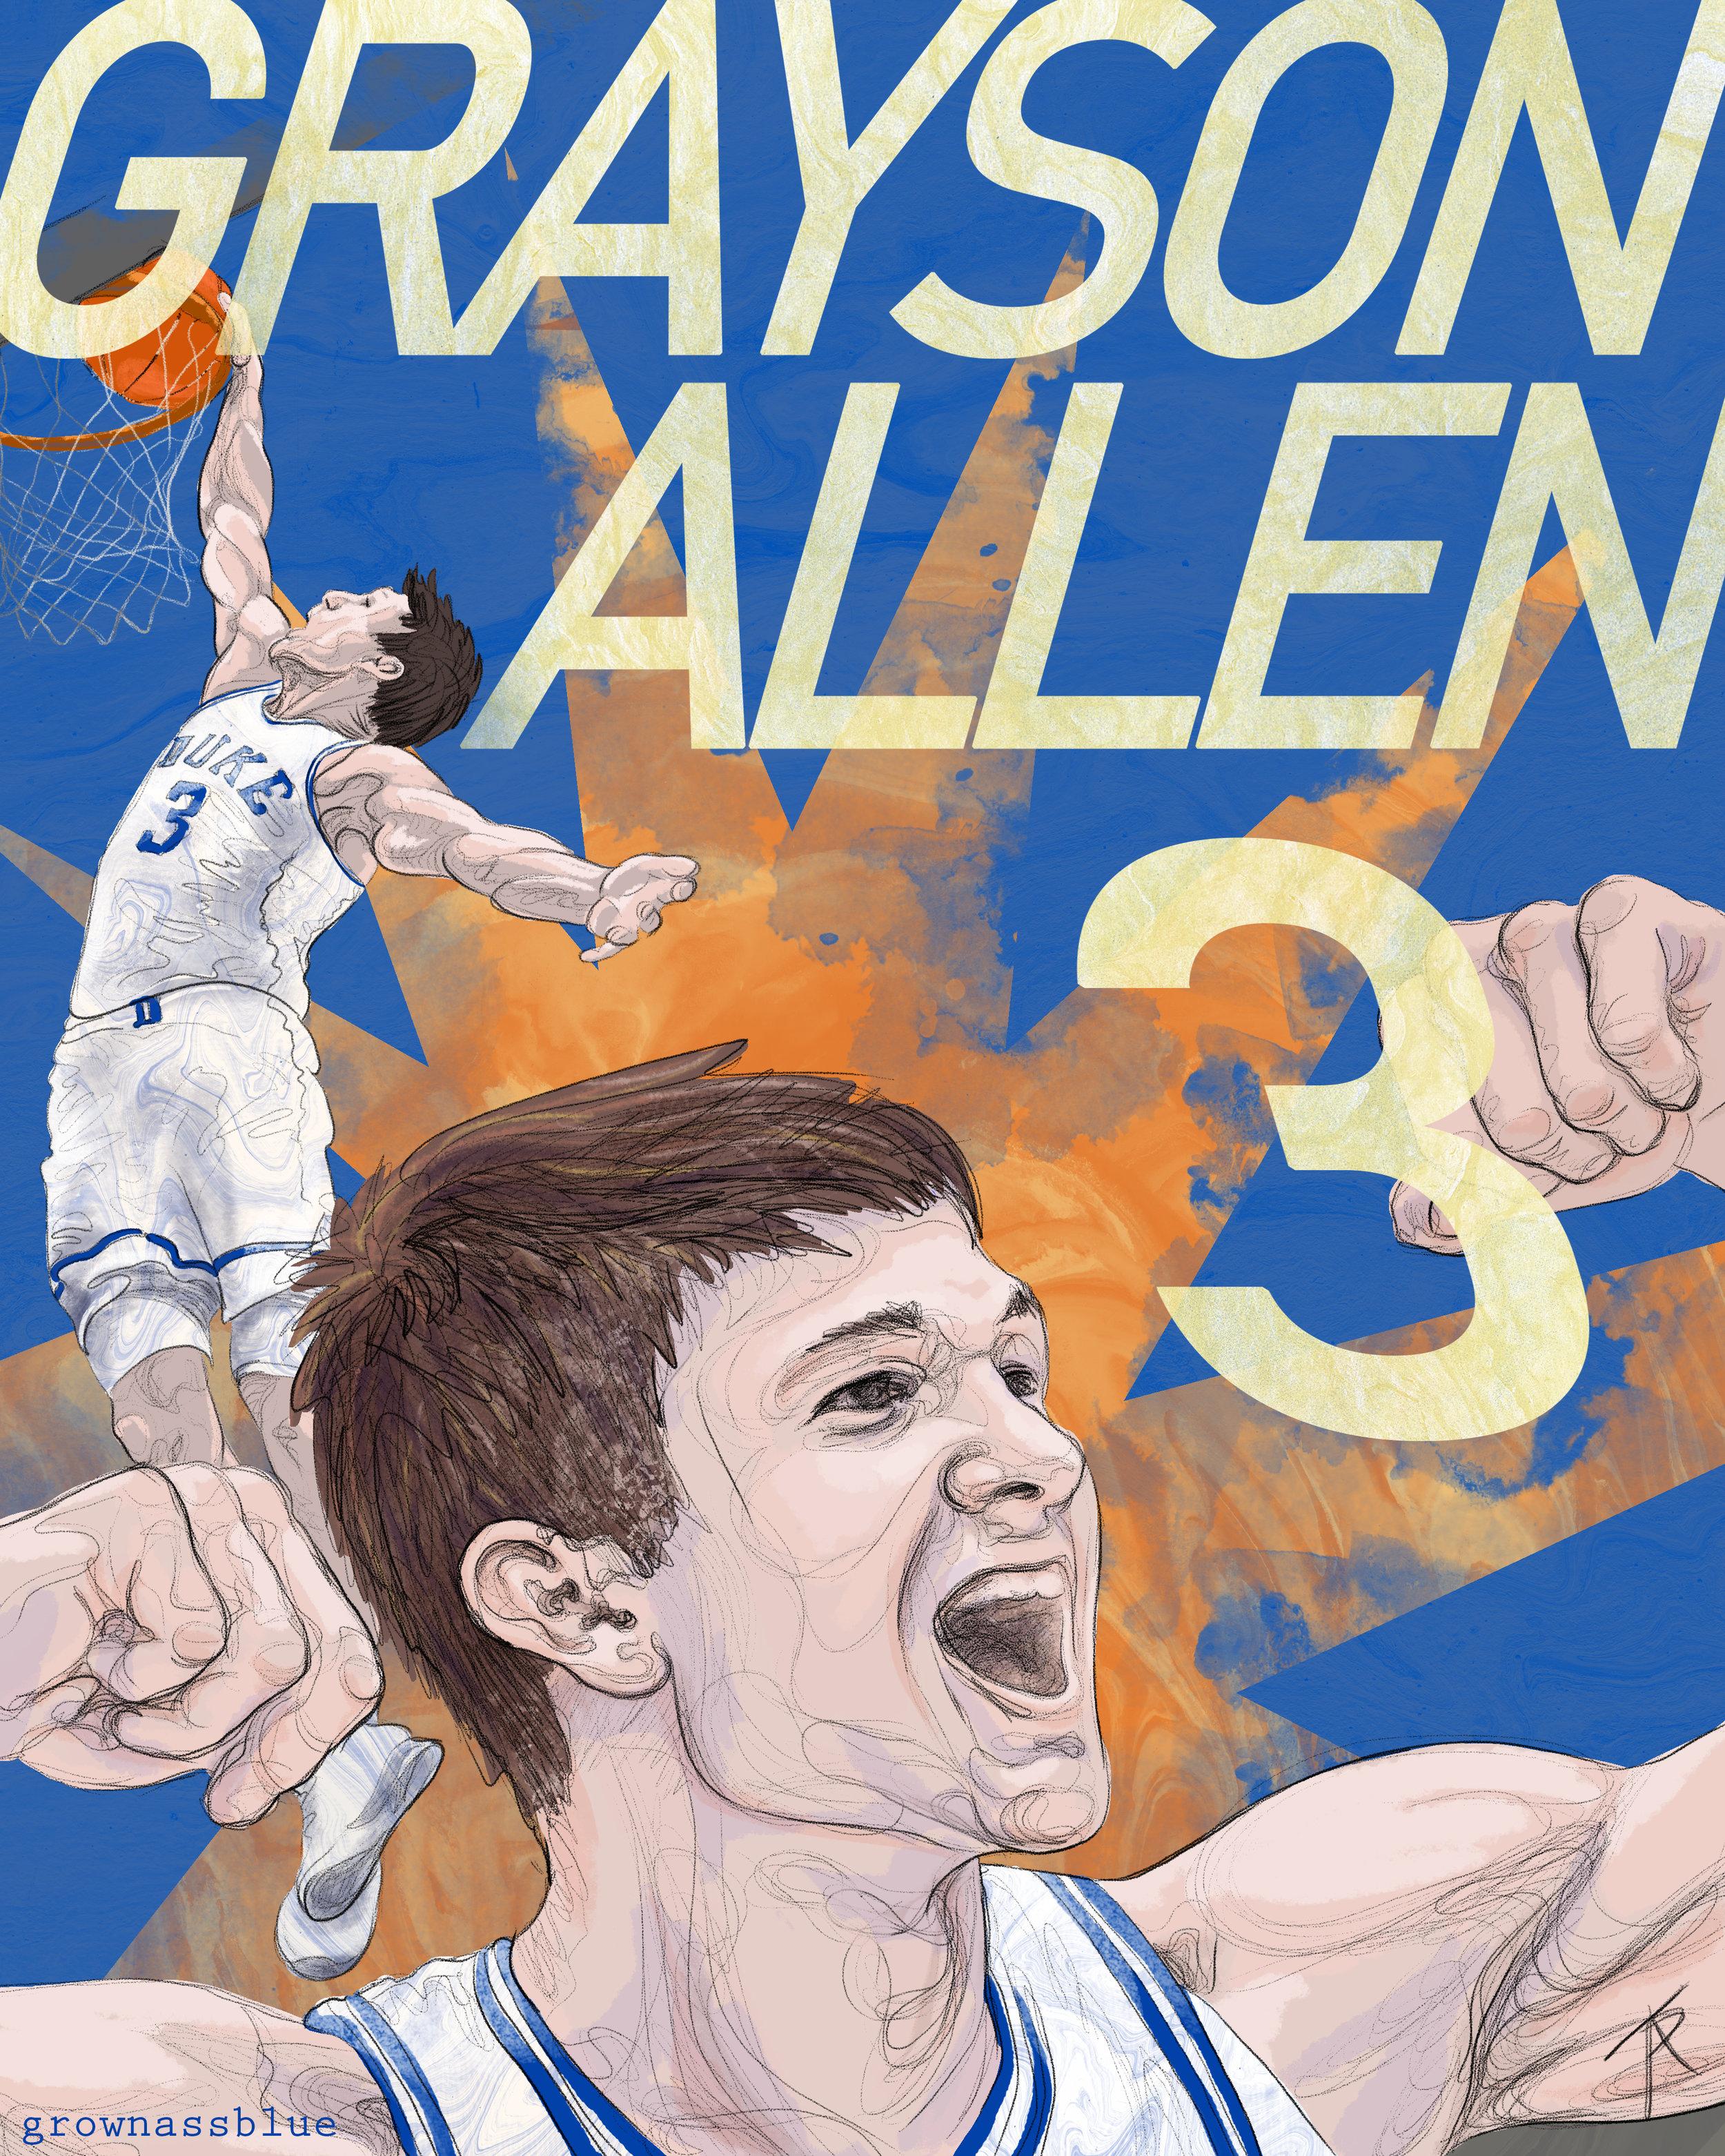 Grayson Allen